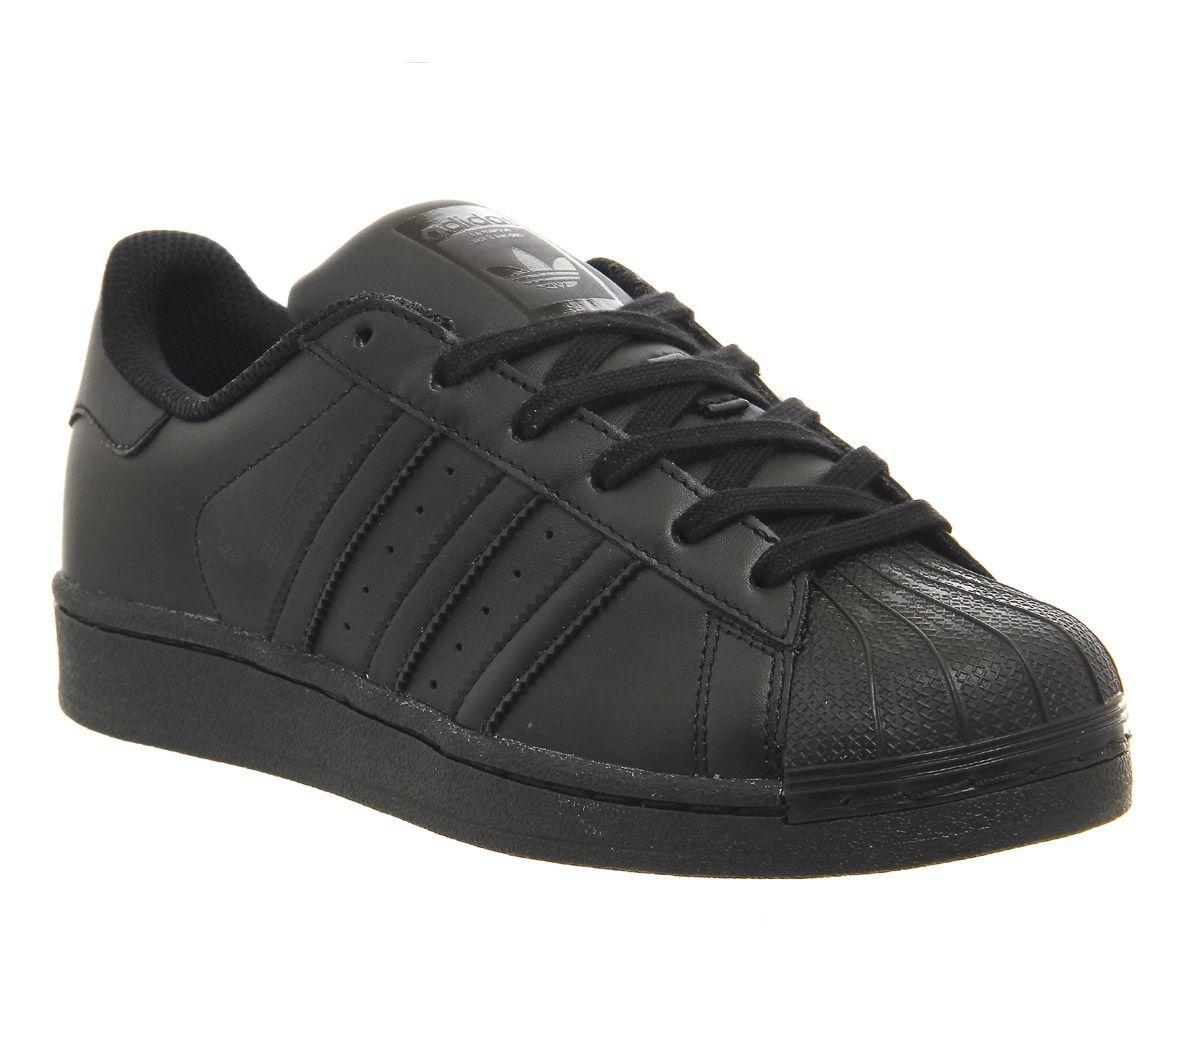 Détails sur Short Femme Adidas Superstar Baskets Noir Mono Baskets  Chaussures- afficher le titre d'origine